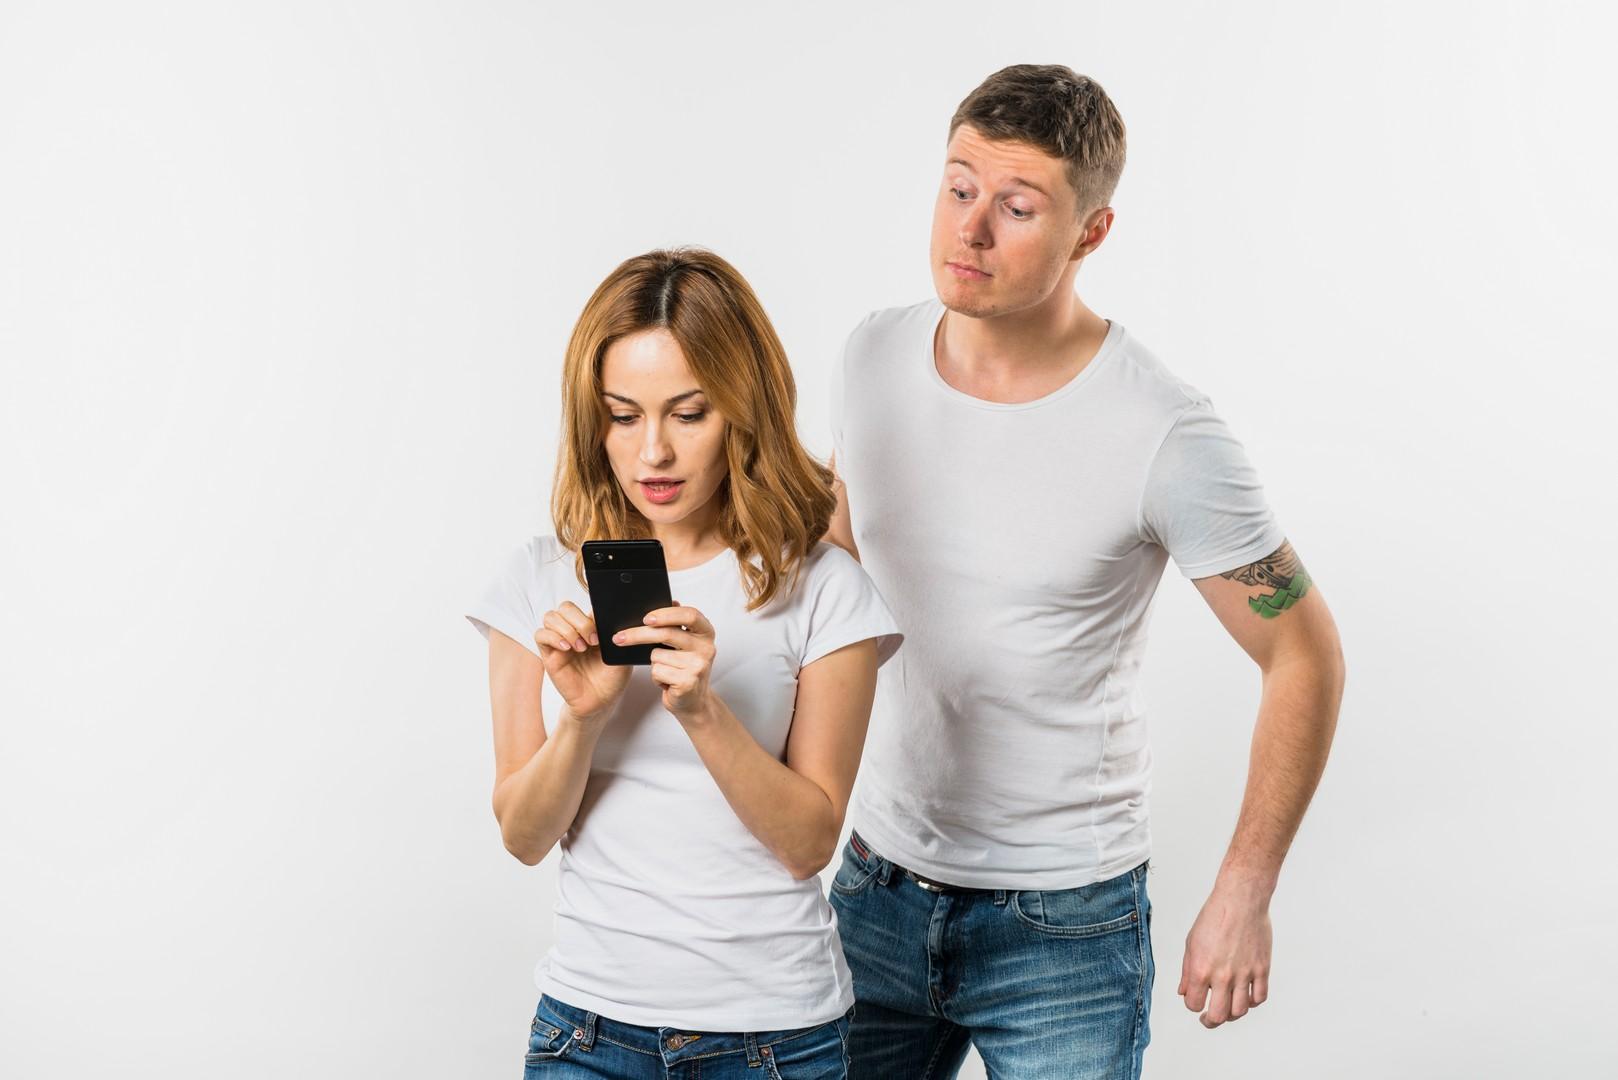 Почему муж ревнует жену: 6 шагов избавления от ревности